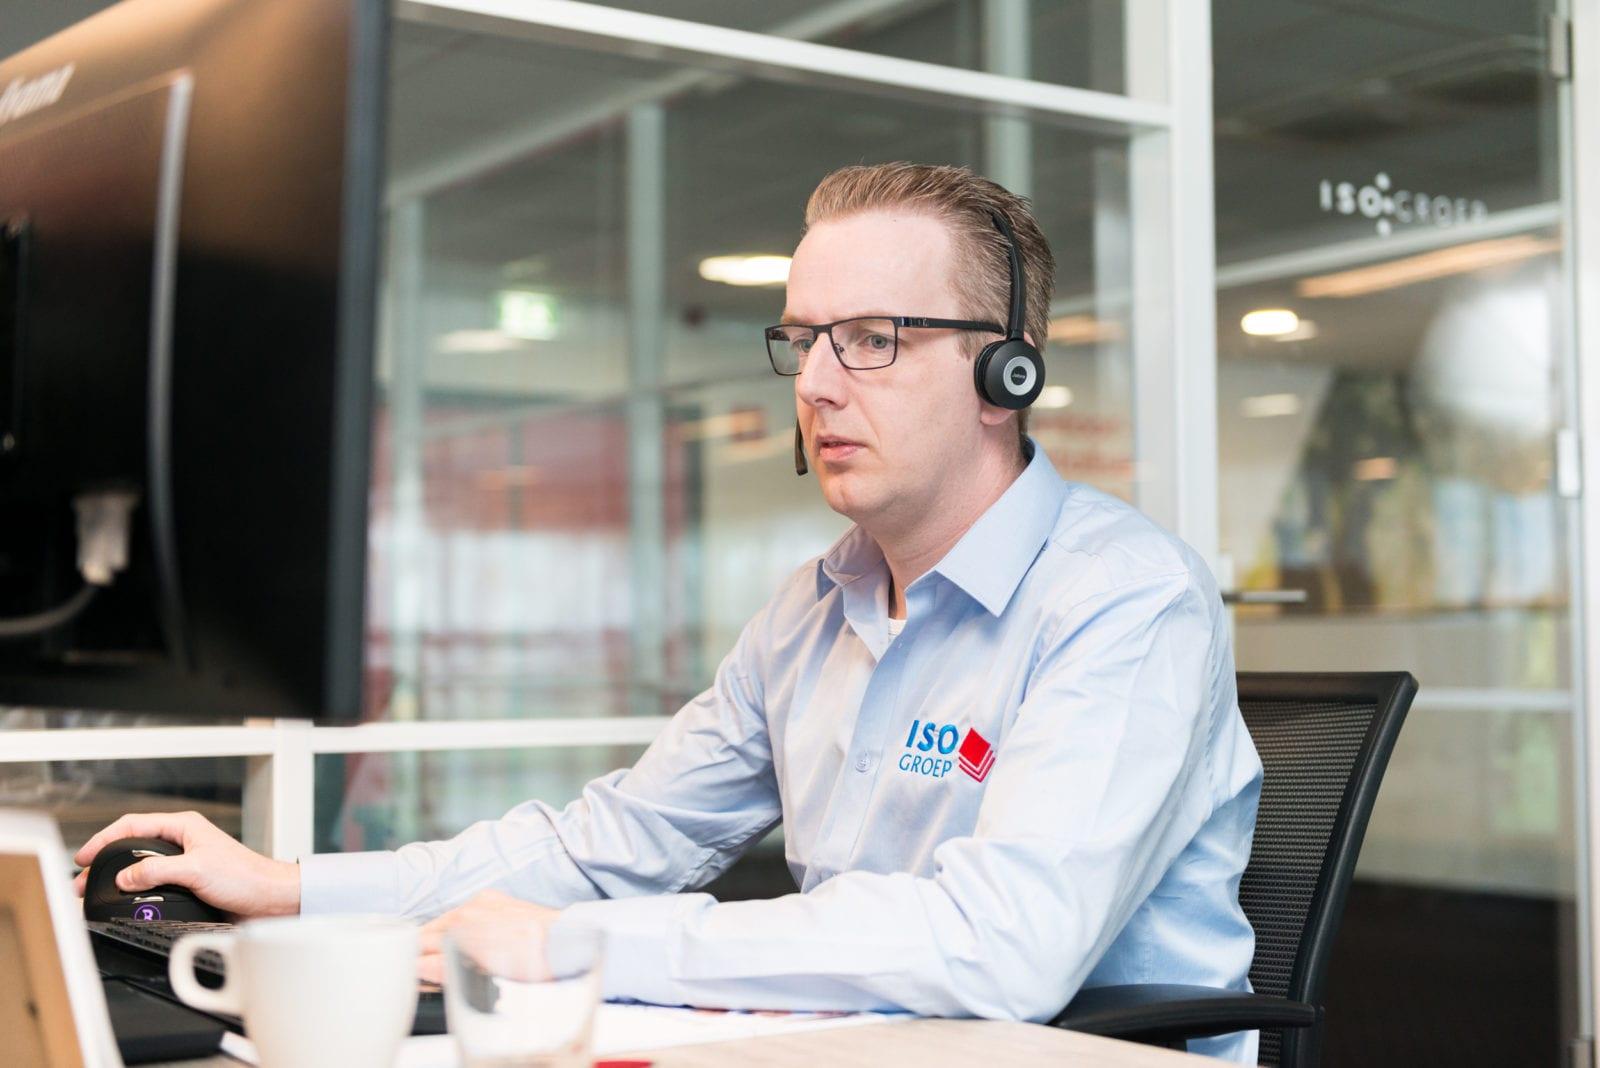 Support en consultancy CRM integratie bij ISO Groep